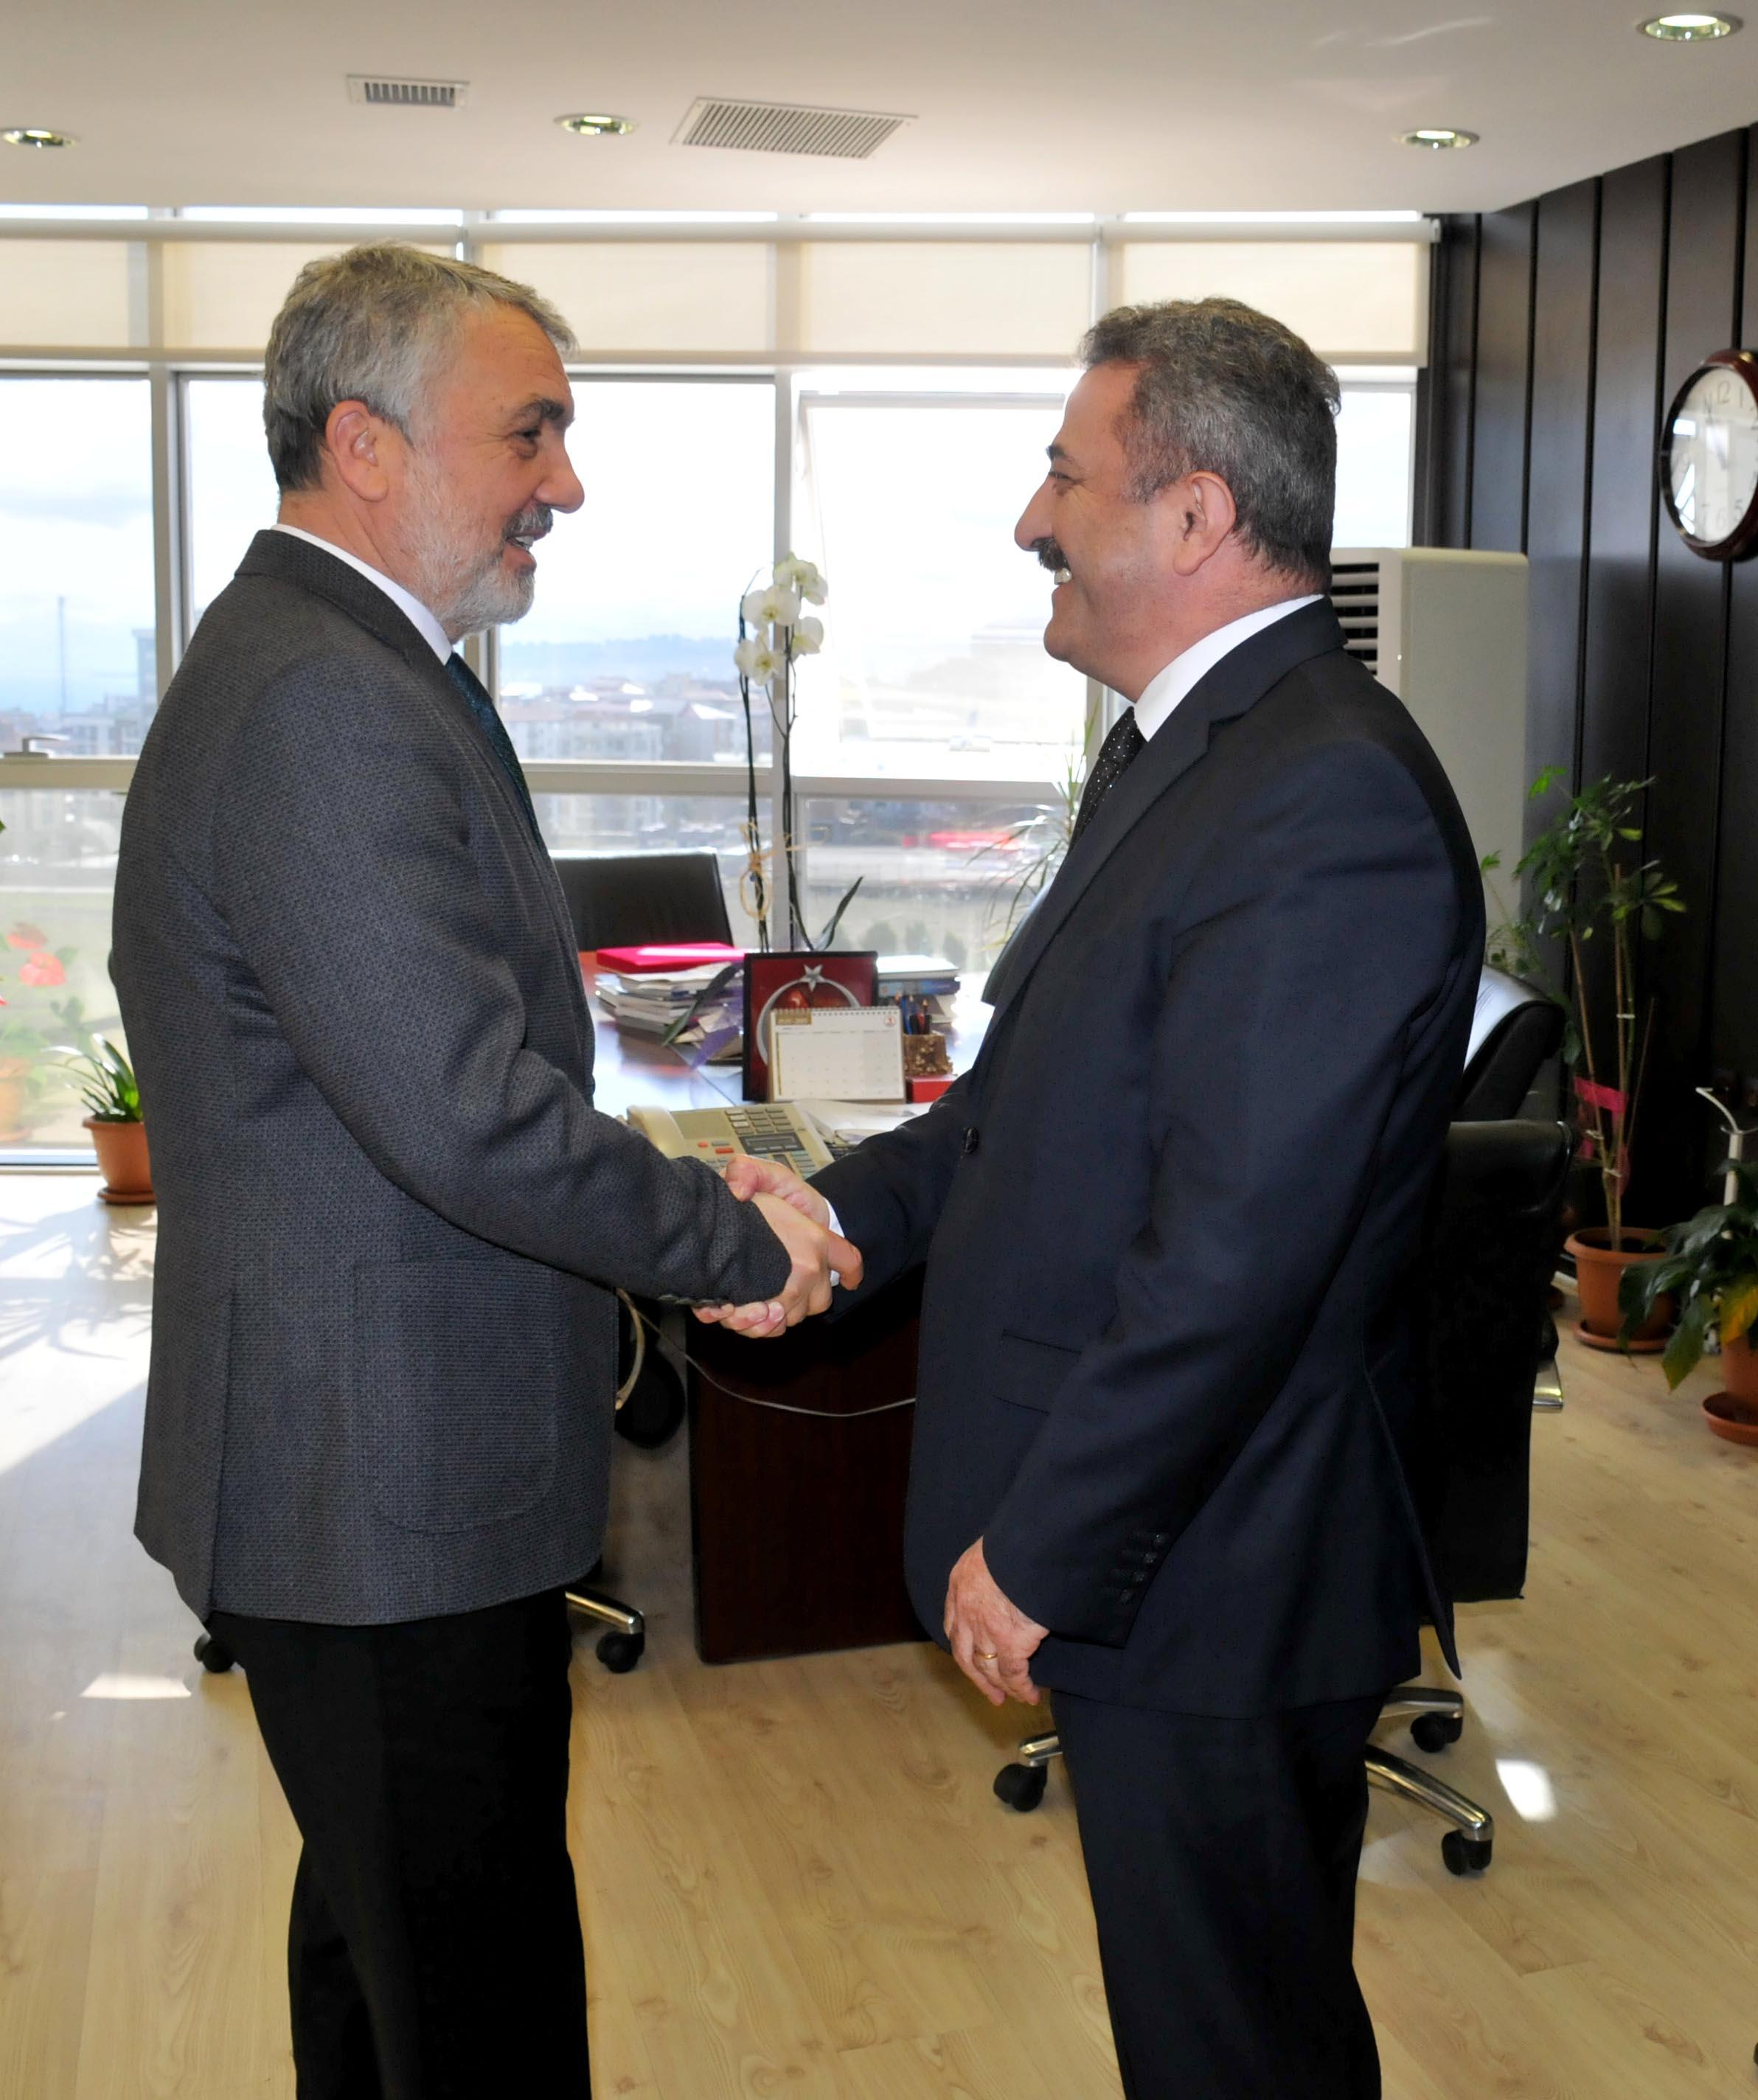 http://www.omu.edu.tr/sites/default/files/files/rektor_bilgic_yurt_disi_turkler_ve_akraba_topluluklar_baskanligi_heyetini_kabul_etti/dsc_0164.jpg